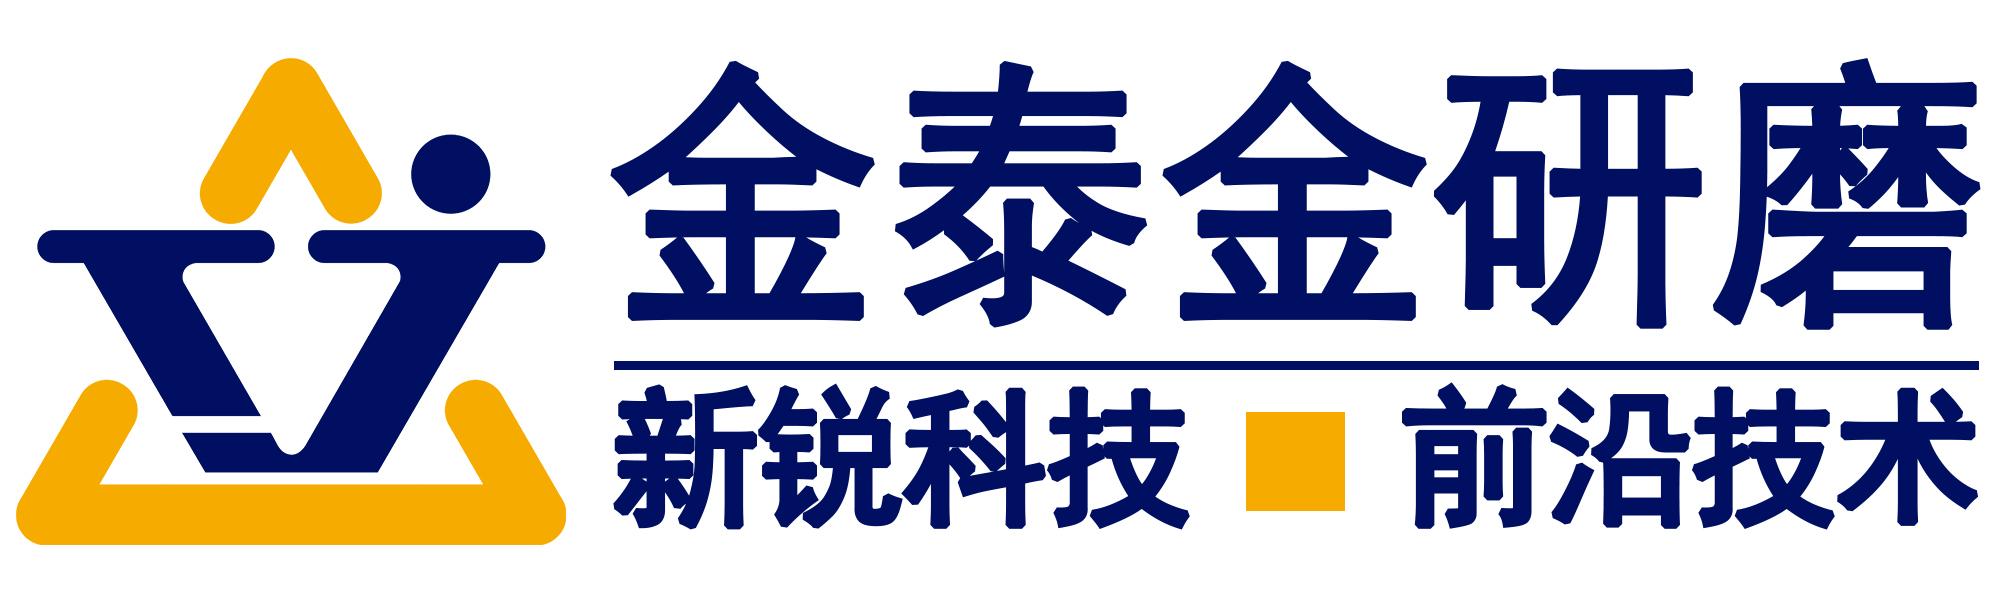 泰金商標(新)長方形排版 x.jpg